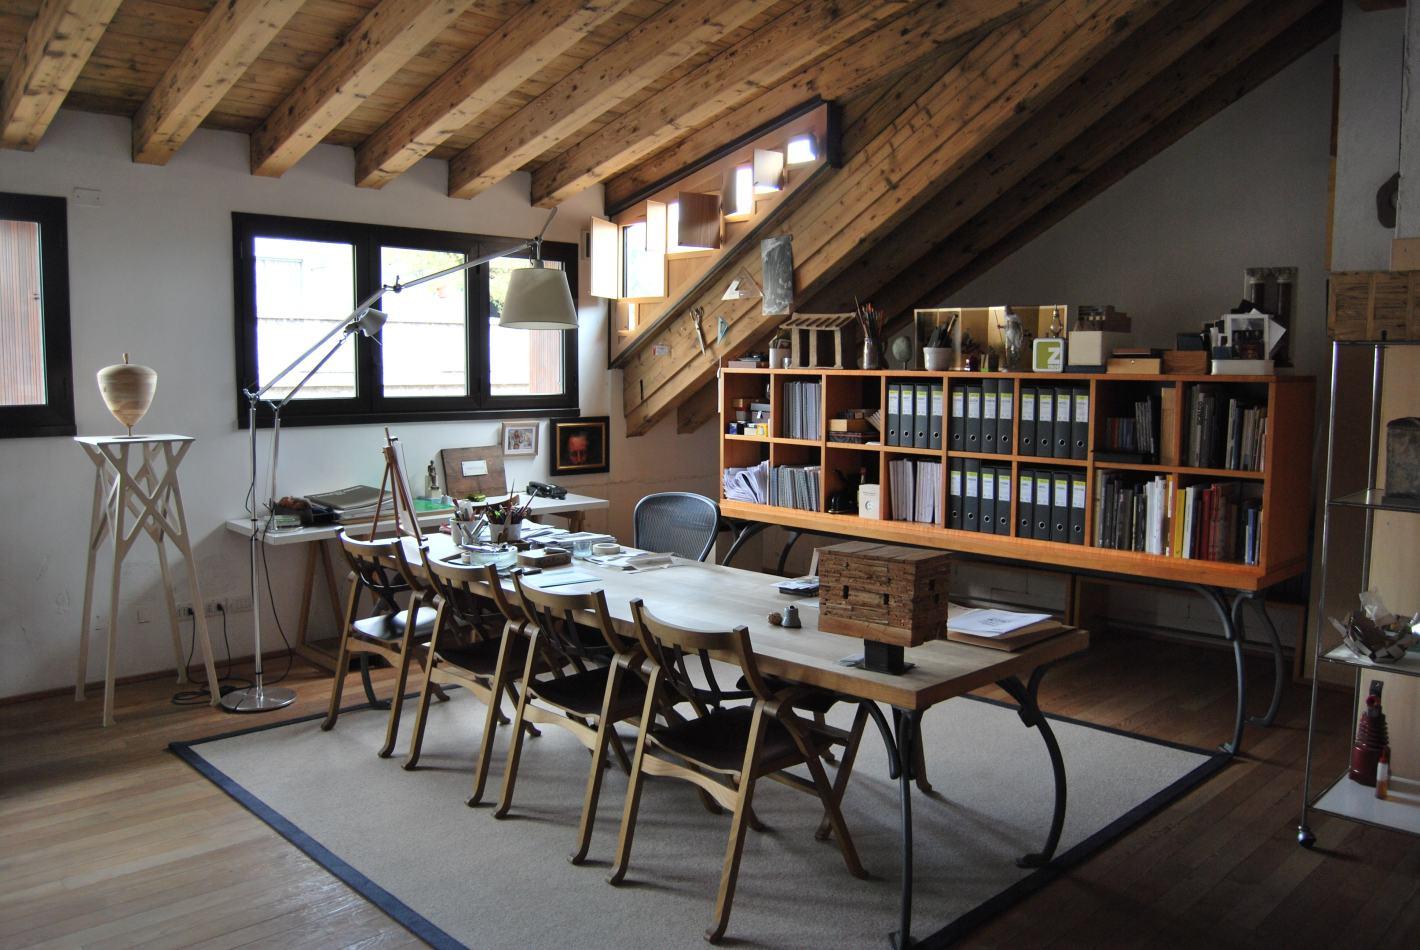 ... .it •illuminazione per soggiorno-soffitto in legno a vista